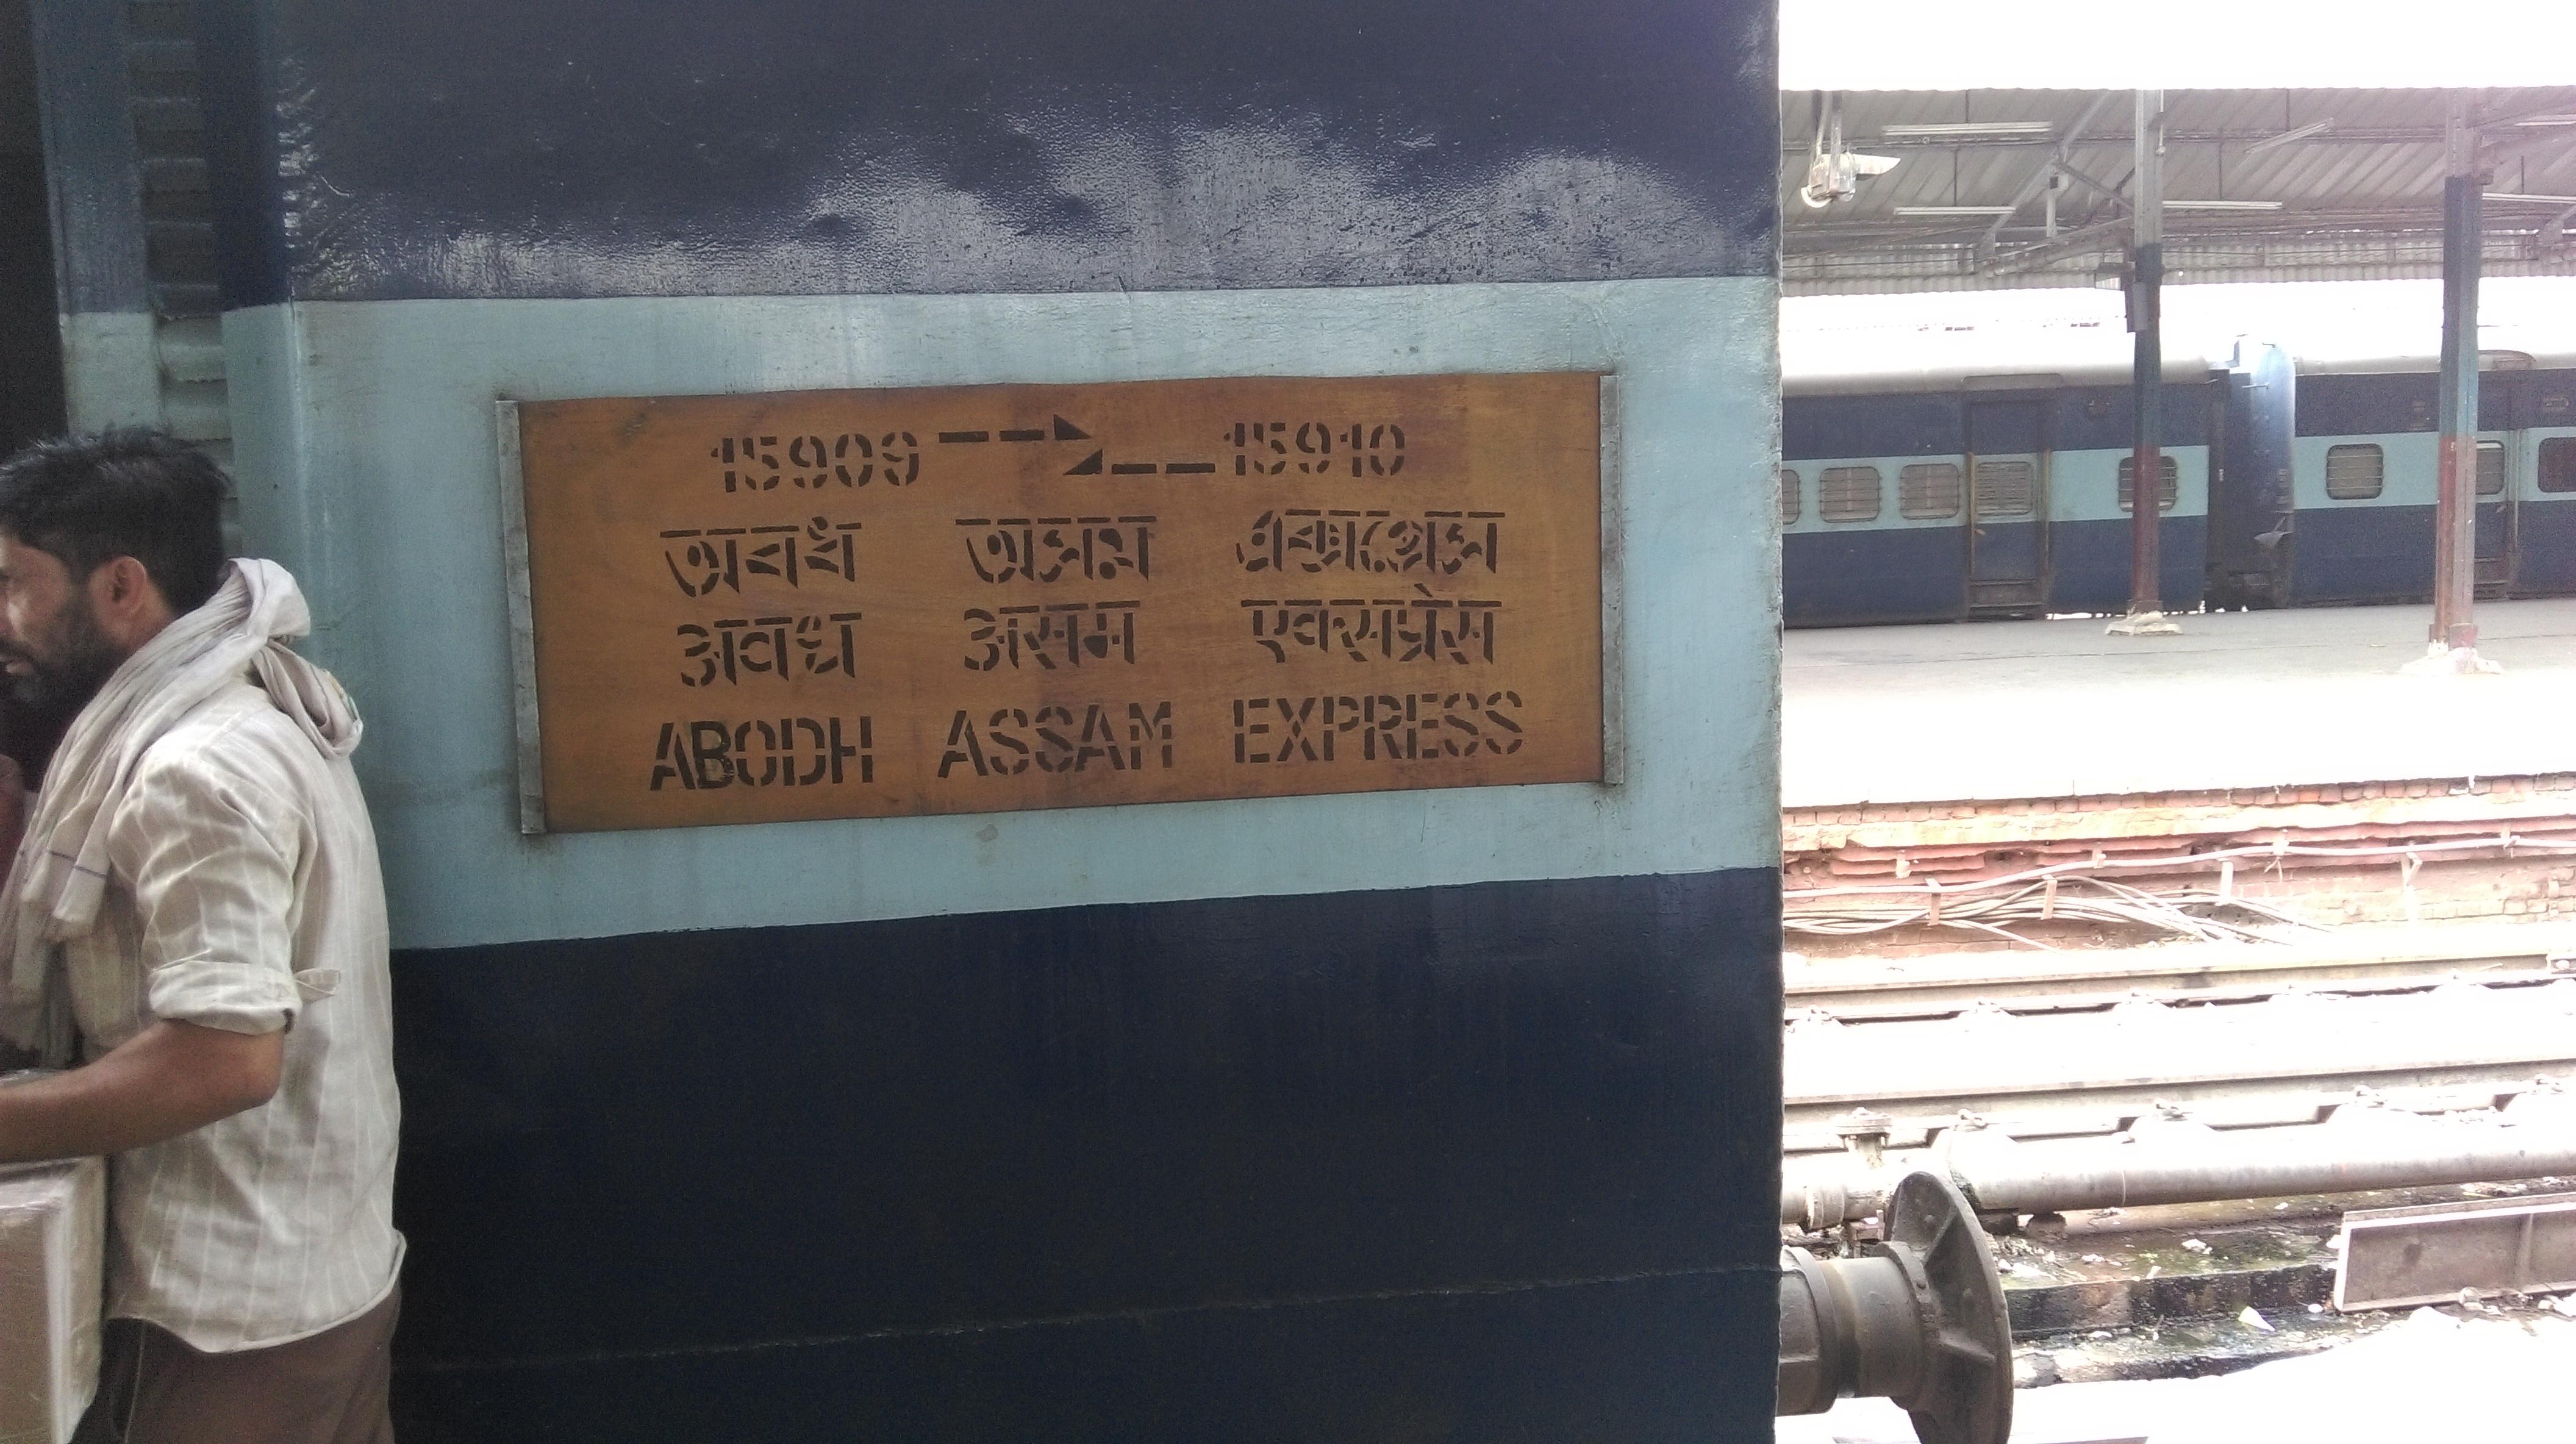 Avadh Assam Express - Wikipedia